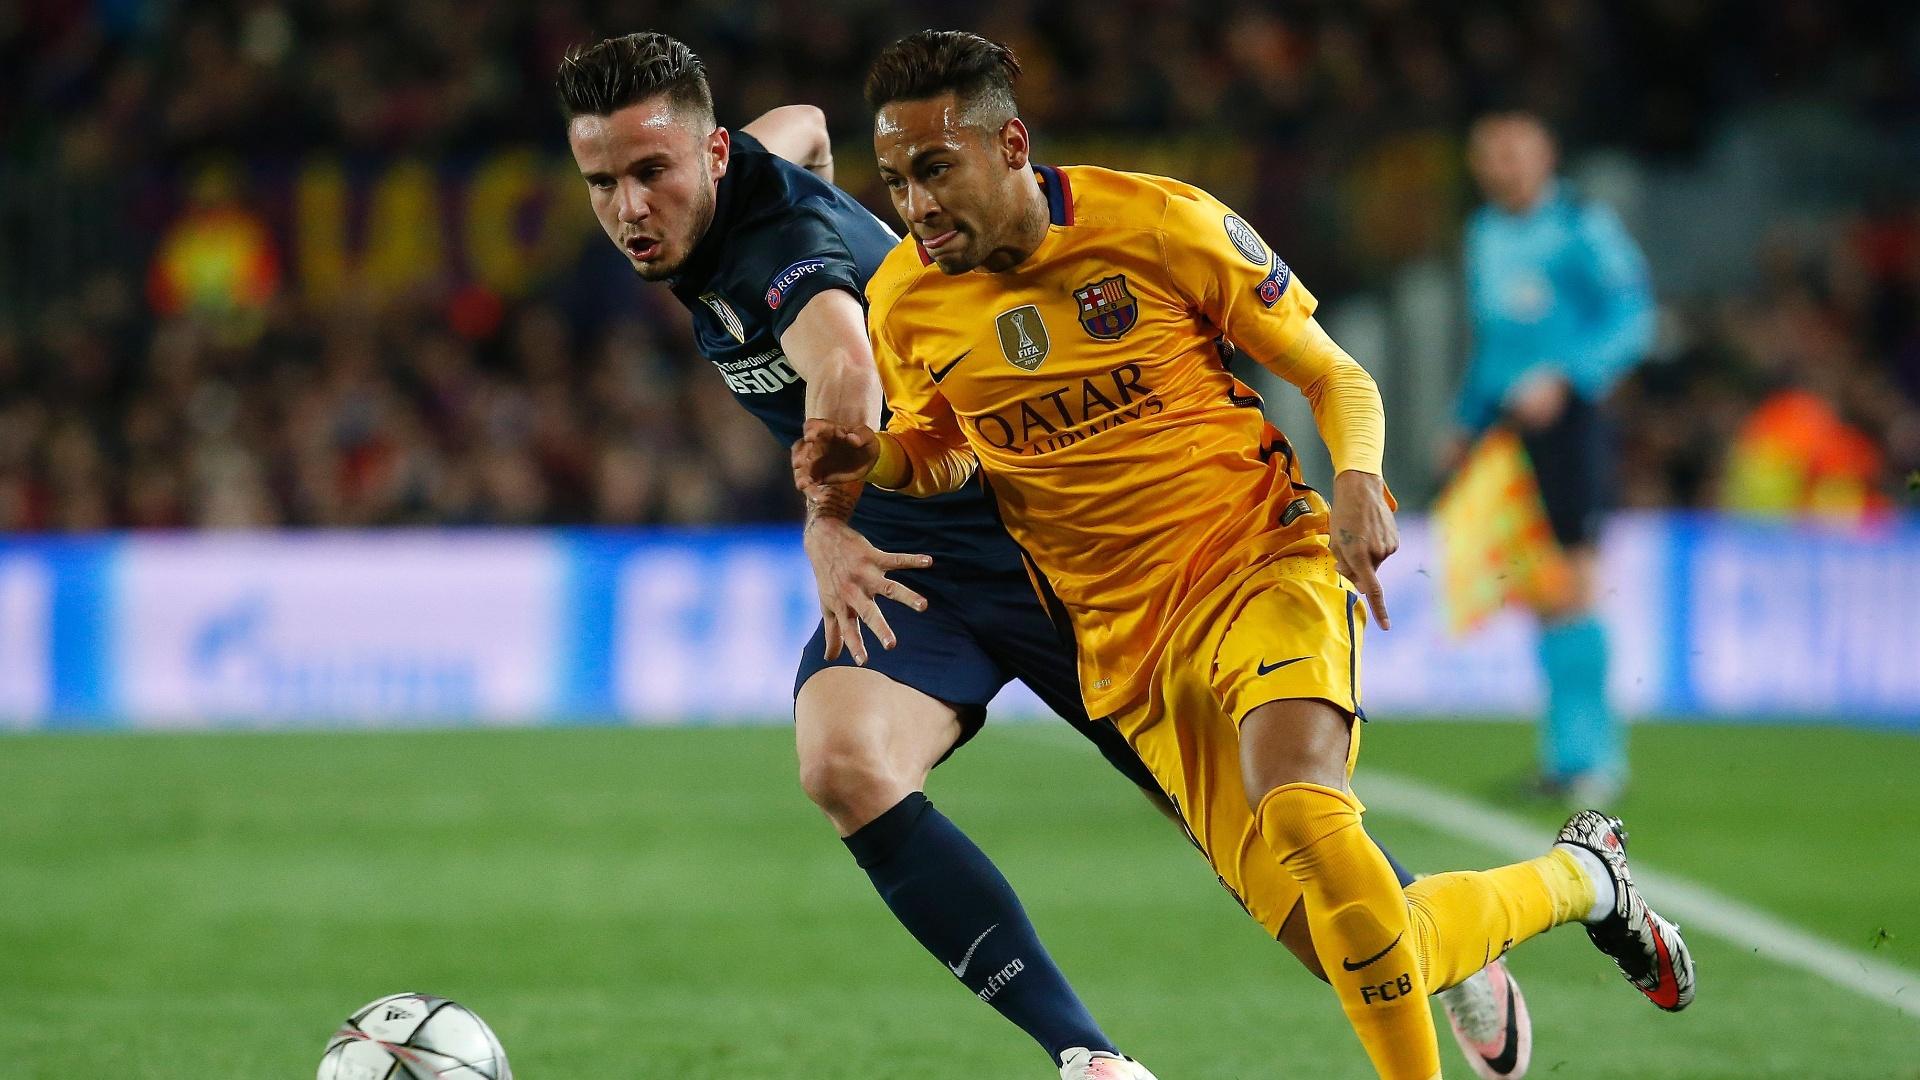 Neymar tenta superar a marcação na partida entre Barcelona e Atlético de Madri pela Liga dos Campeões